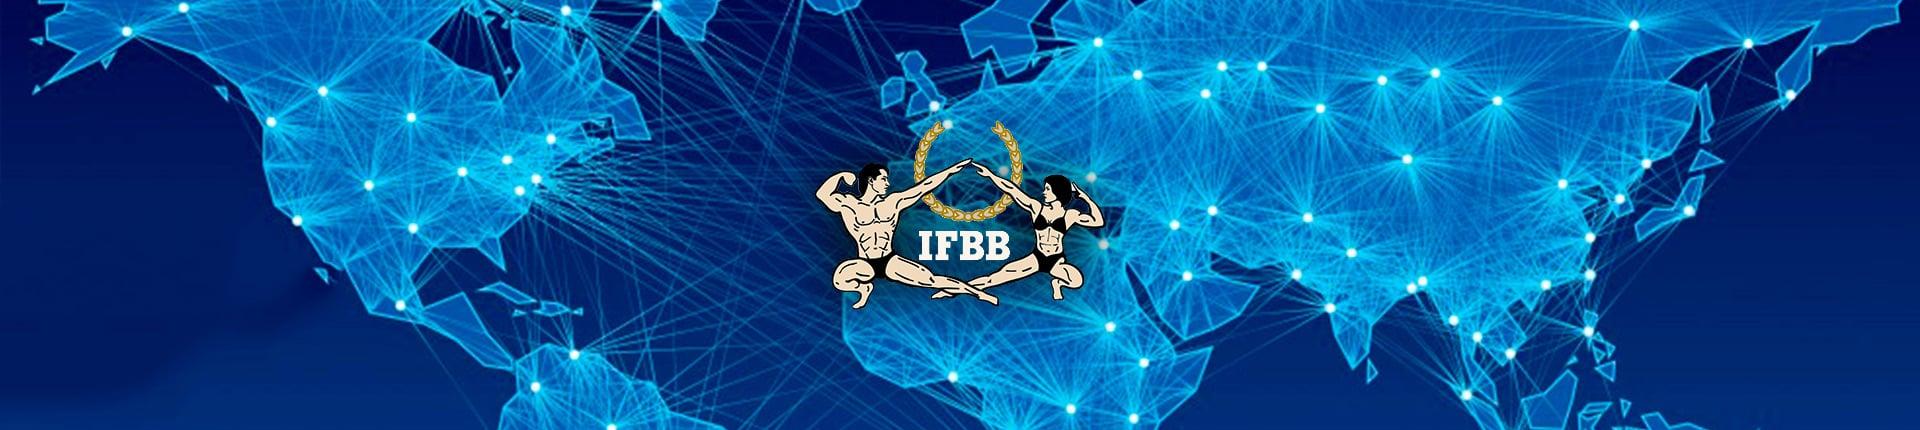 Reprezentacja Polski na Mistrzostwa Świata Juniorów  IFBB 2019